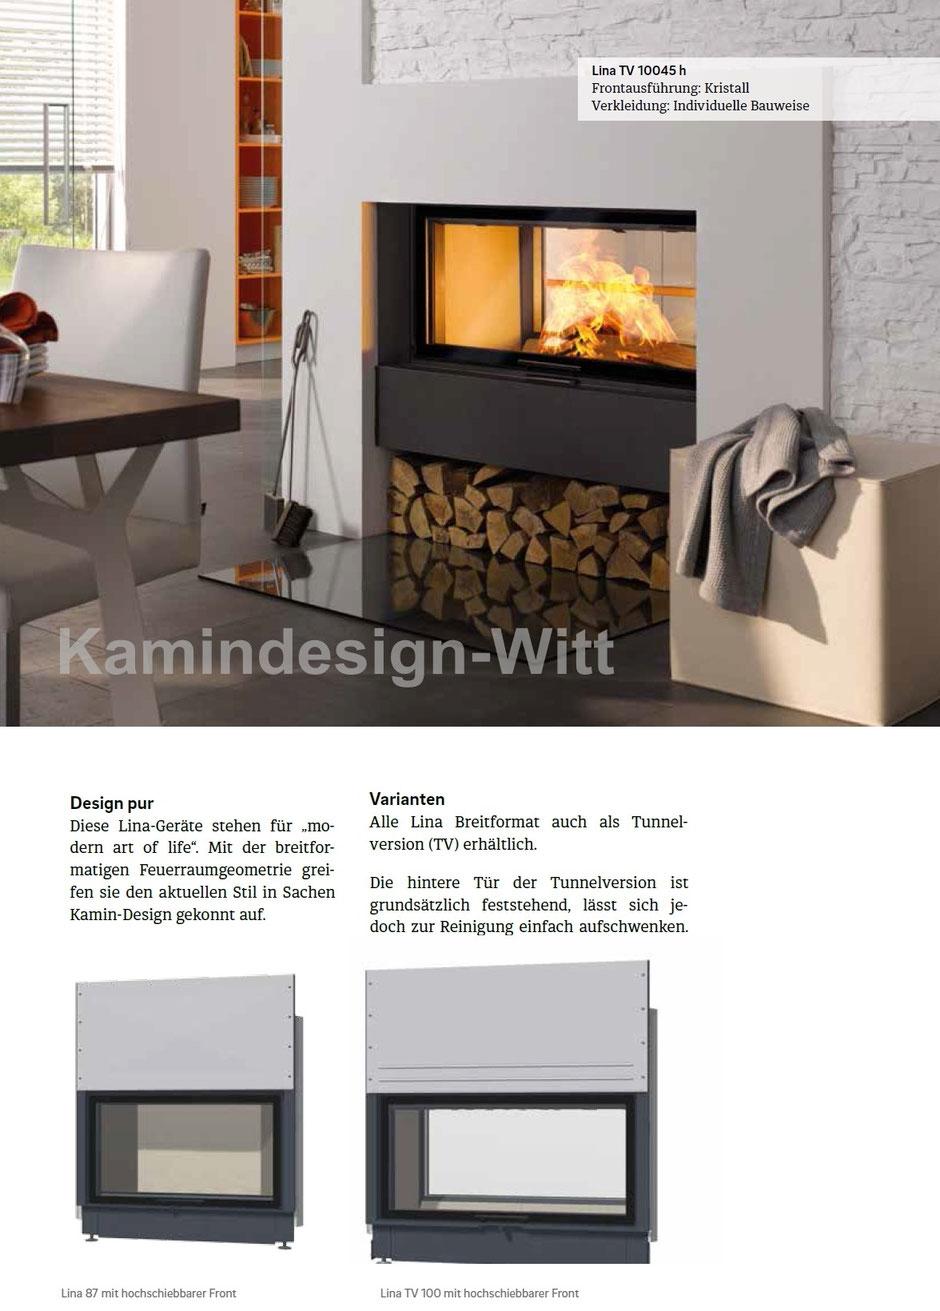 Schmid-Lina-67-80h-Kamineinsatz